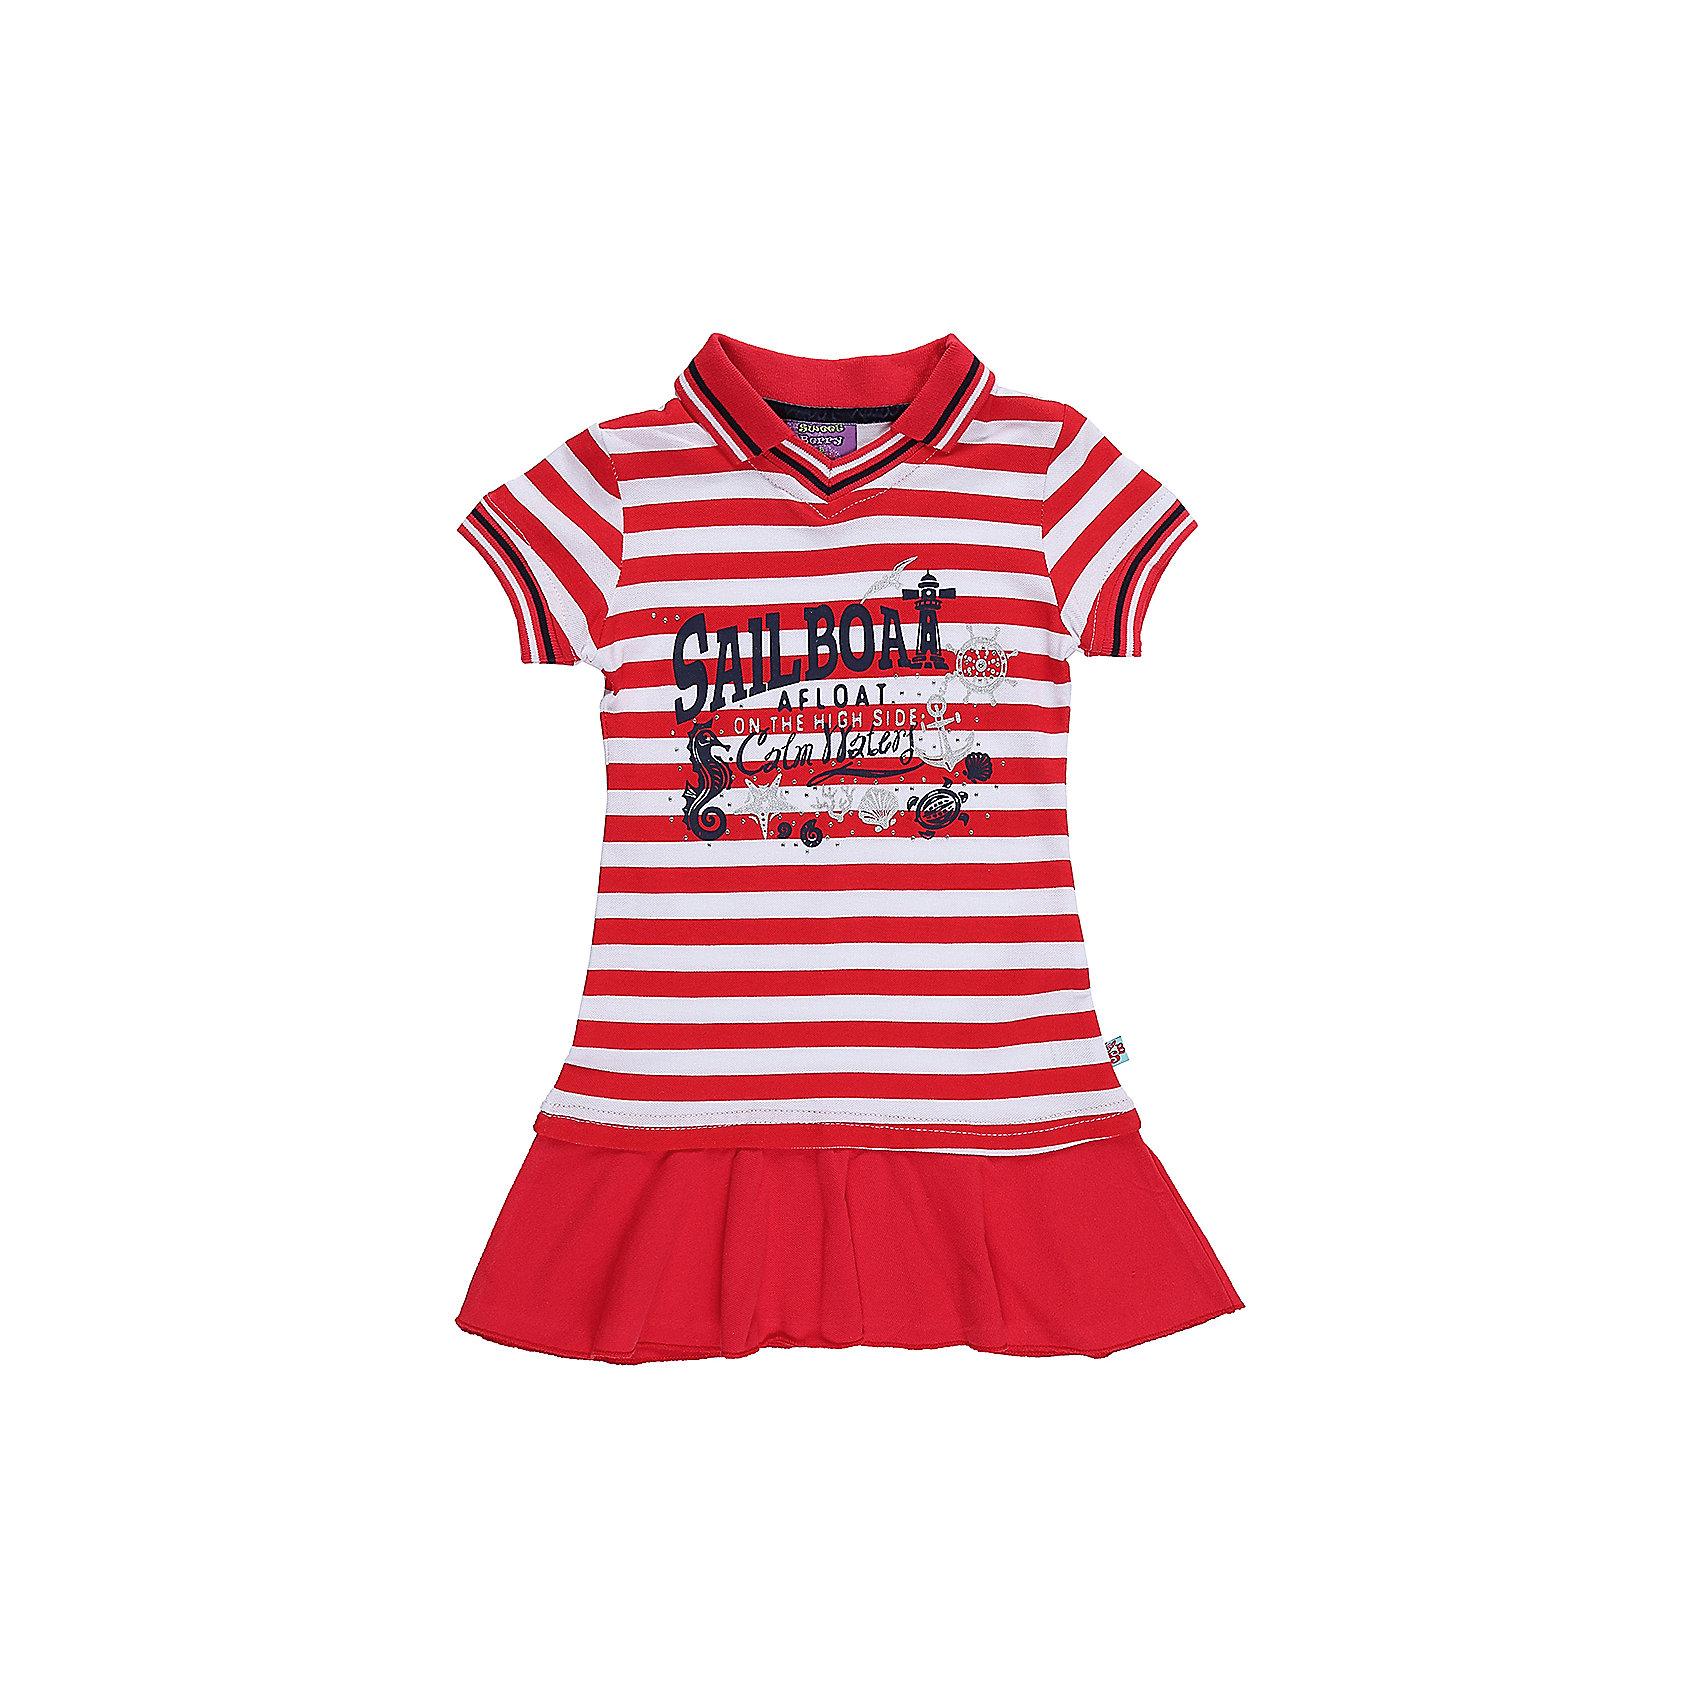 Платье для девочки Sweet BerryПлатья и сарафаны<br>Трикотажное платье для девочки с воротником-поло в полоску. Декорировано принтом и воланом по низу изделия.<br>Состав:<br>100%хлопок<br><br>Ширина мм: 236<br>Глубина мм: 16<br>Высота мм: 184<br>Вес г: 177<br>Цвет: белый<br>Возраст от месяцев: 36<br>Возраст до месяцев: 48<br>Пол: Женский<br>Возраст: Детский<br>Размер: 104,98,110,116,122,128<br>SKU: 5412162